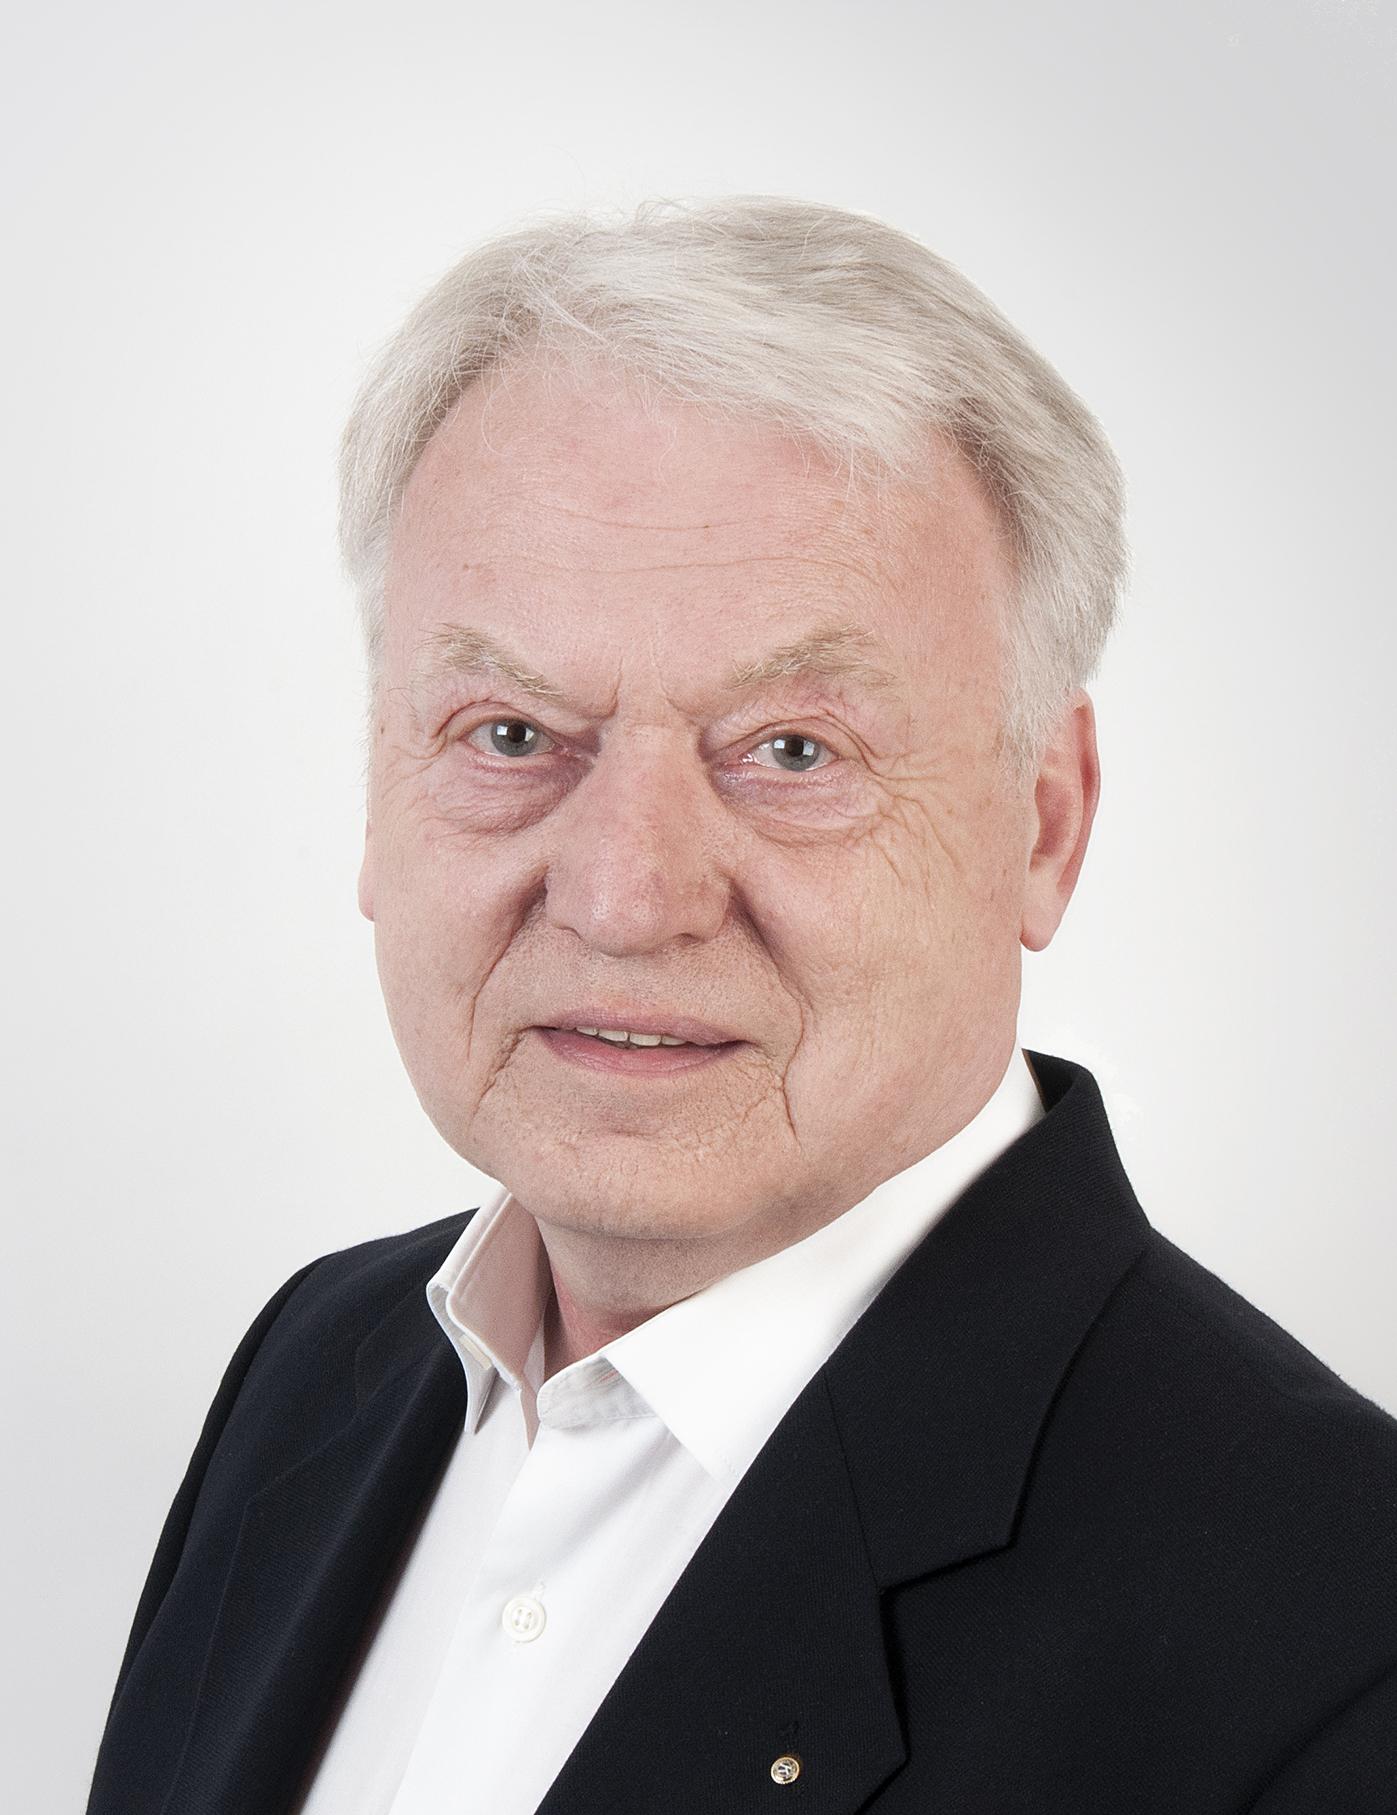 Wilfried Ruskowski, Godenstedt